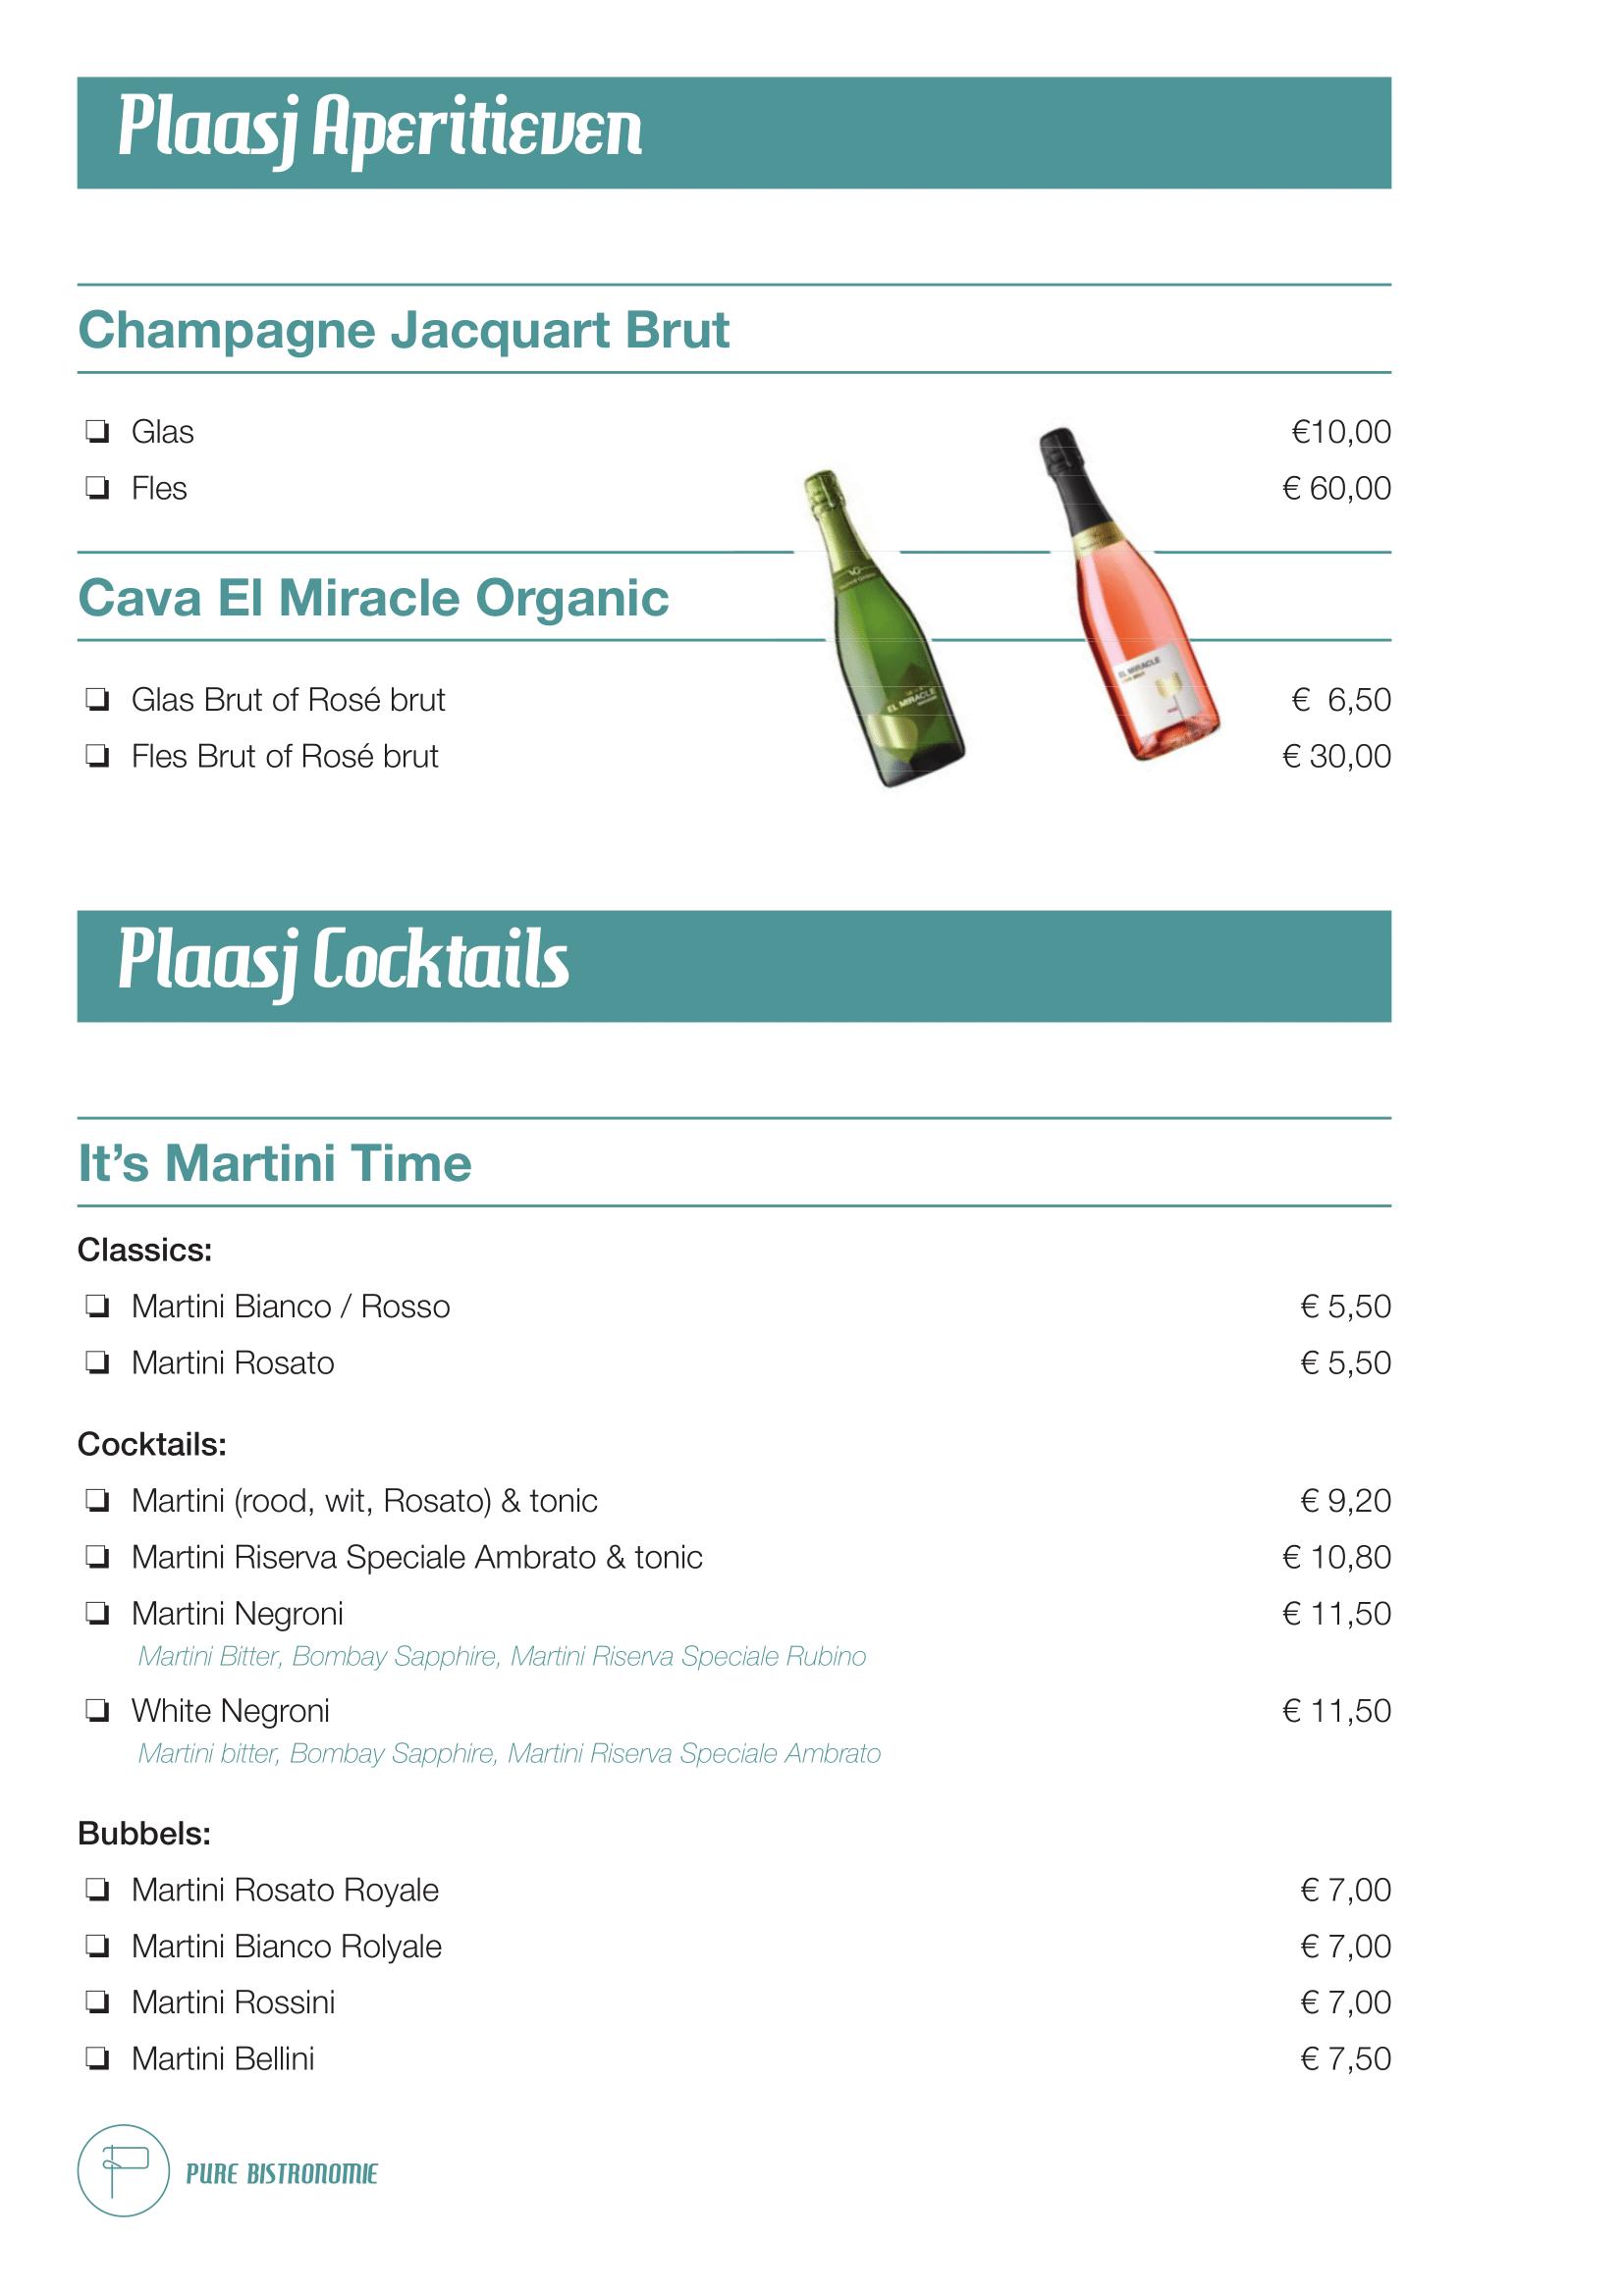 Plaasj-Drank-Aperitieven